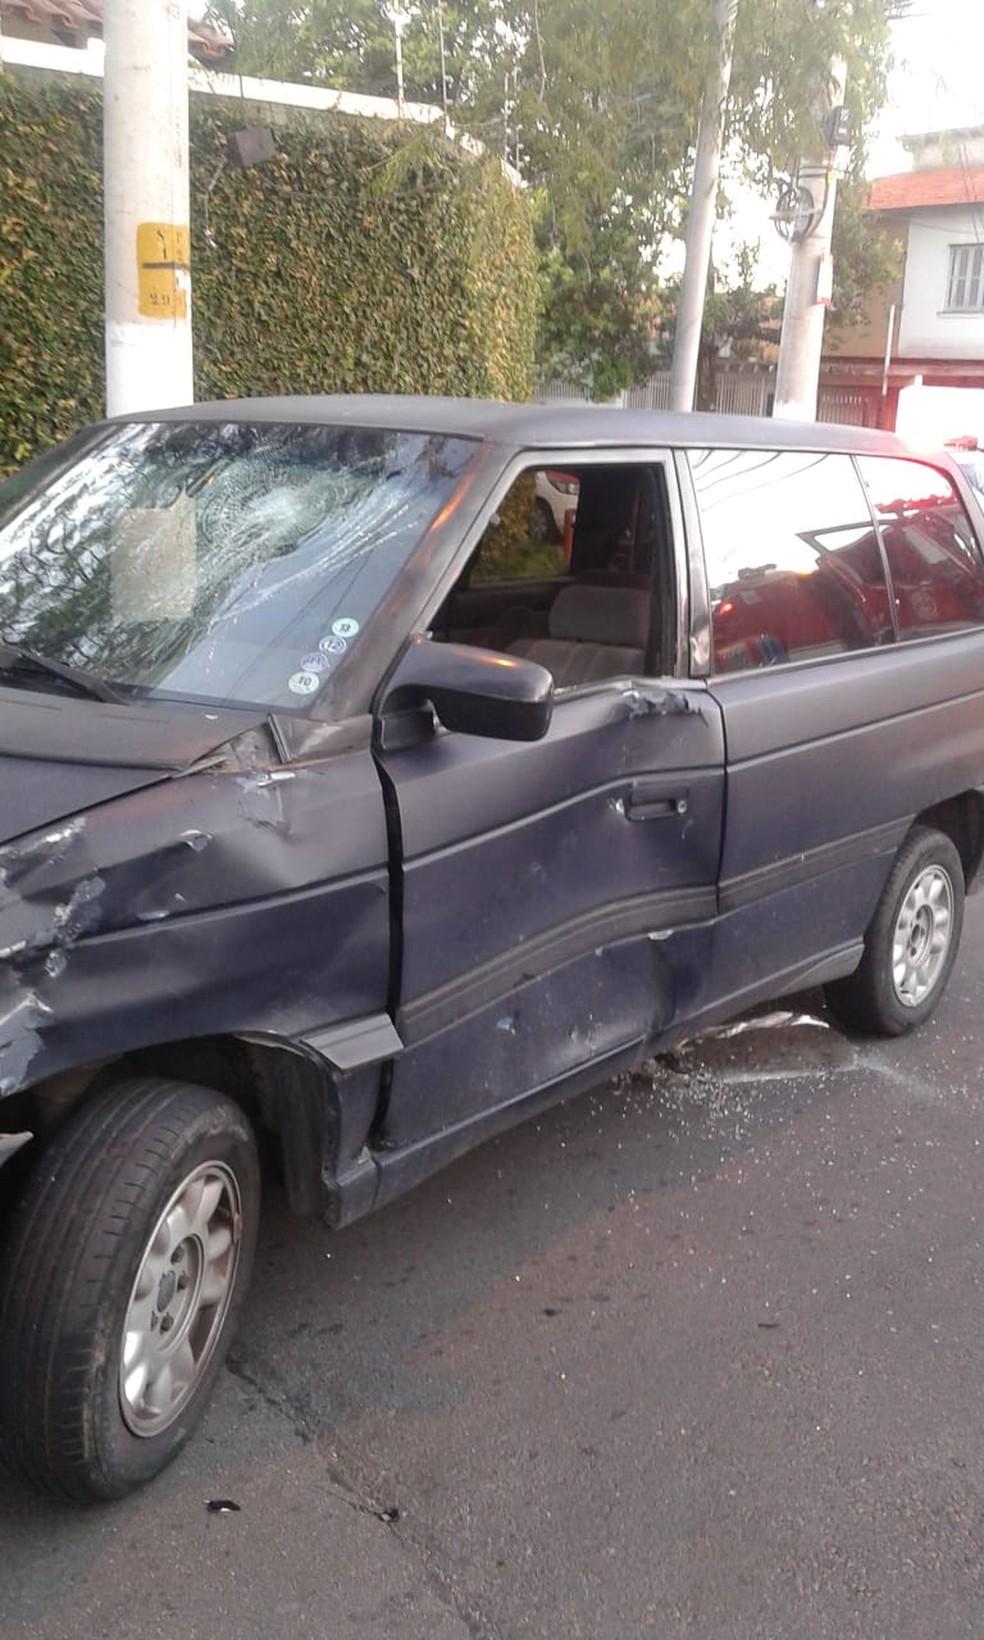 Corpo bateu no parabrisas e ficou preso embaixo do veículo — Foto: Divulgação